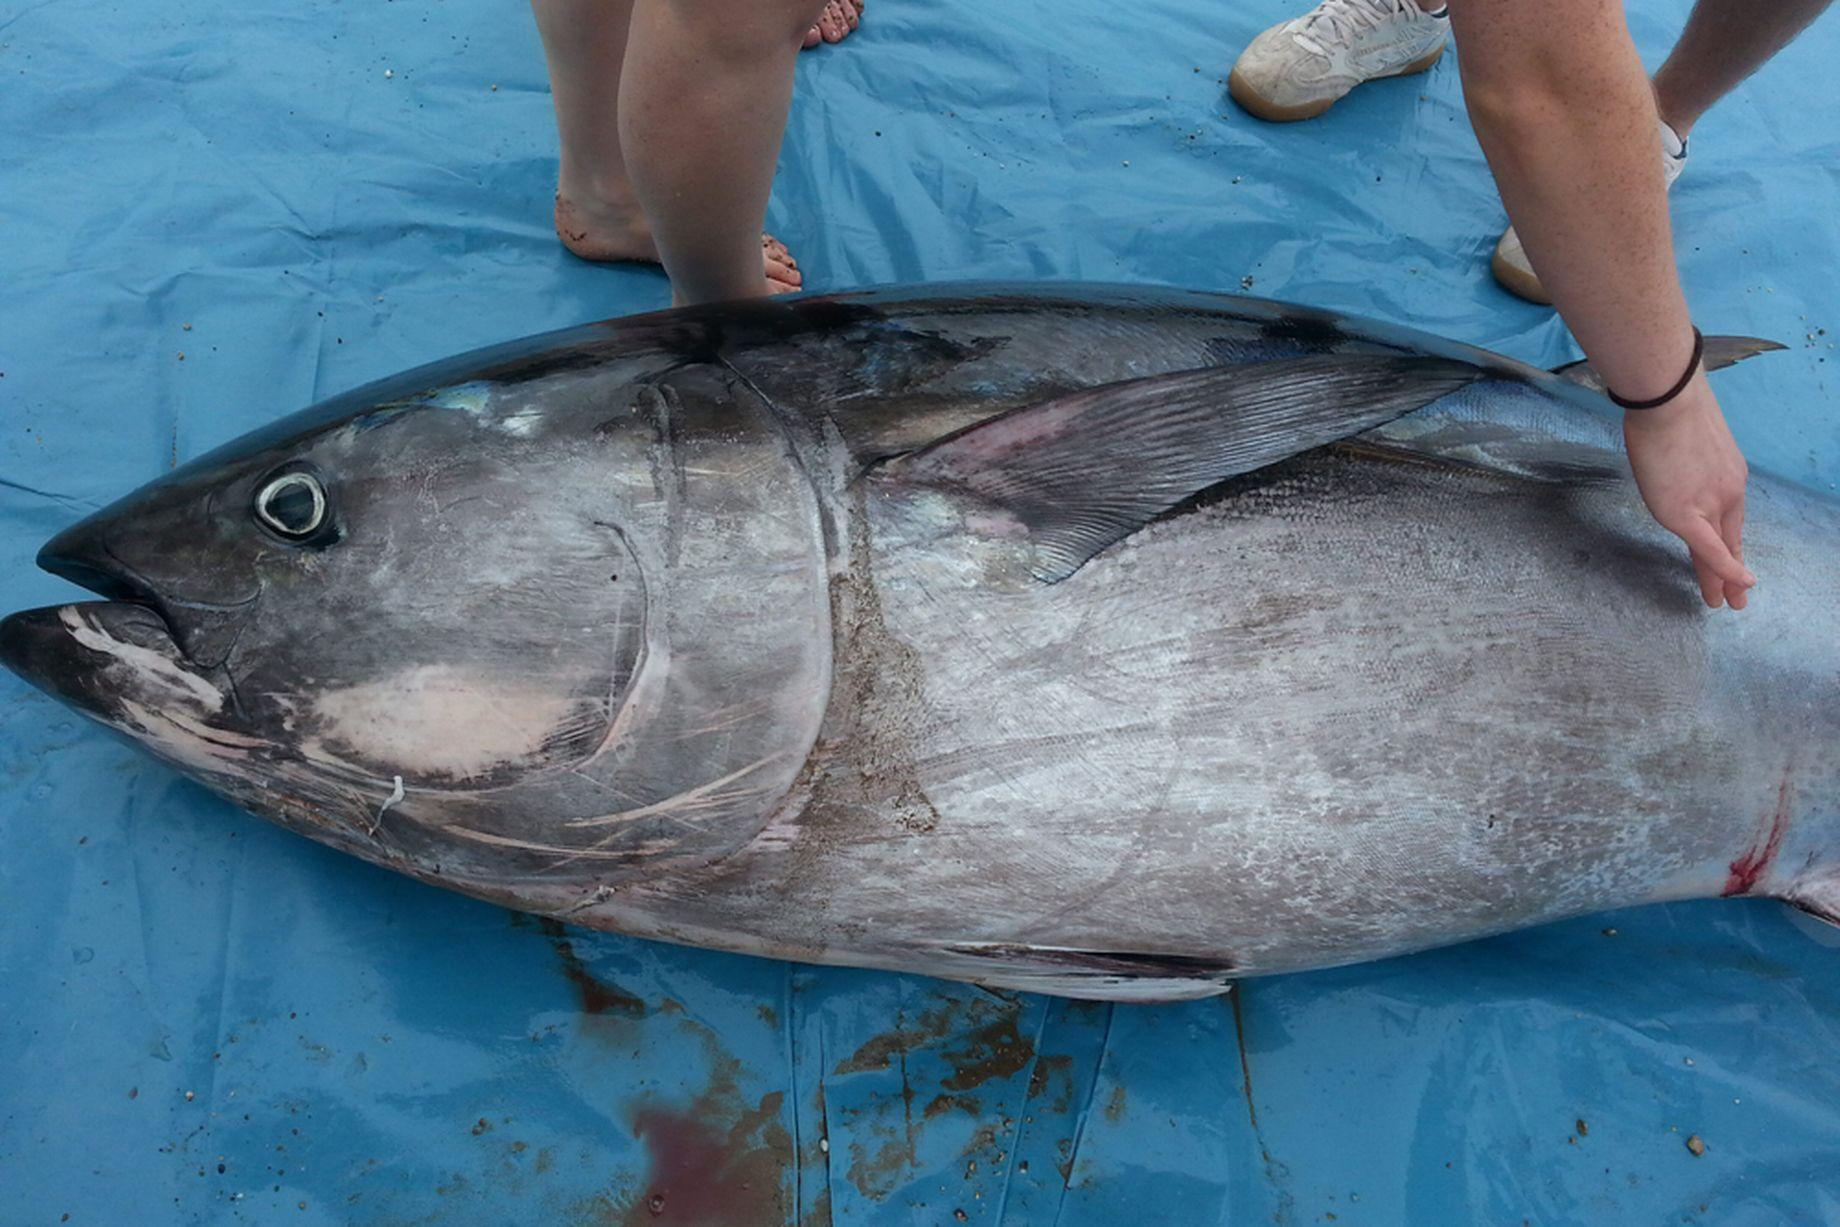 5 cô gái bắt được con cá ngừ khổng lồ trị giá hơn 35 tỷ đồng 8